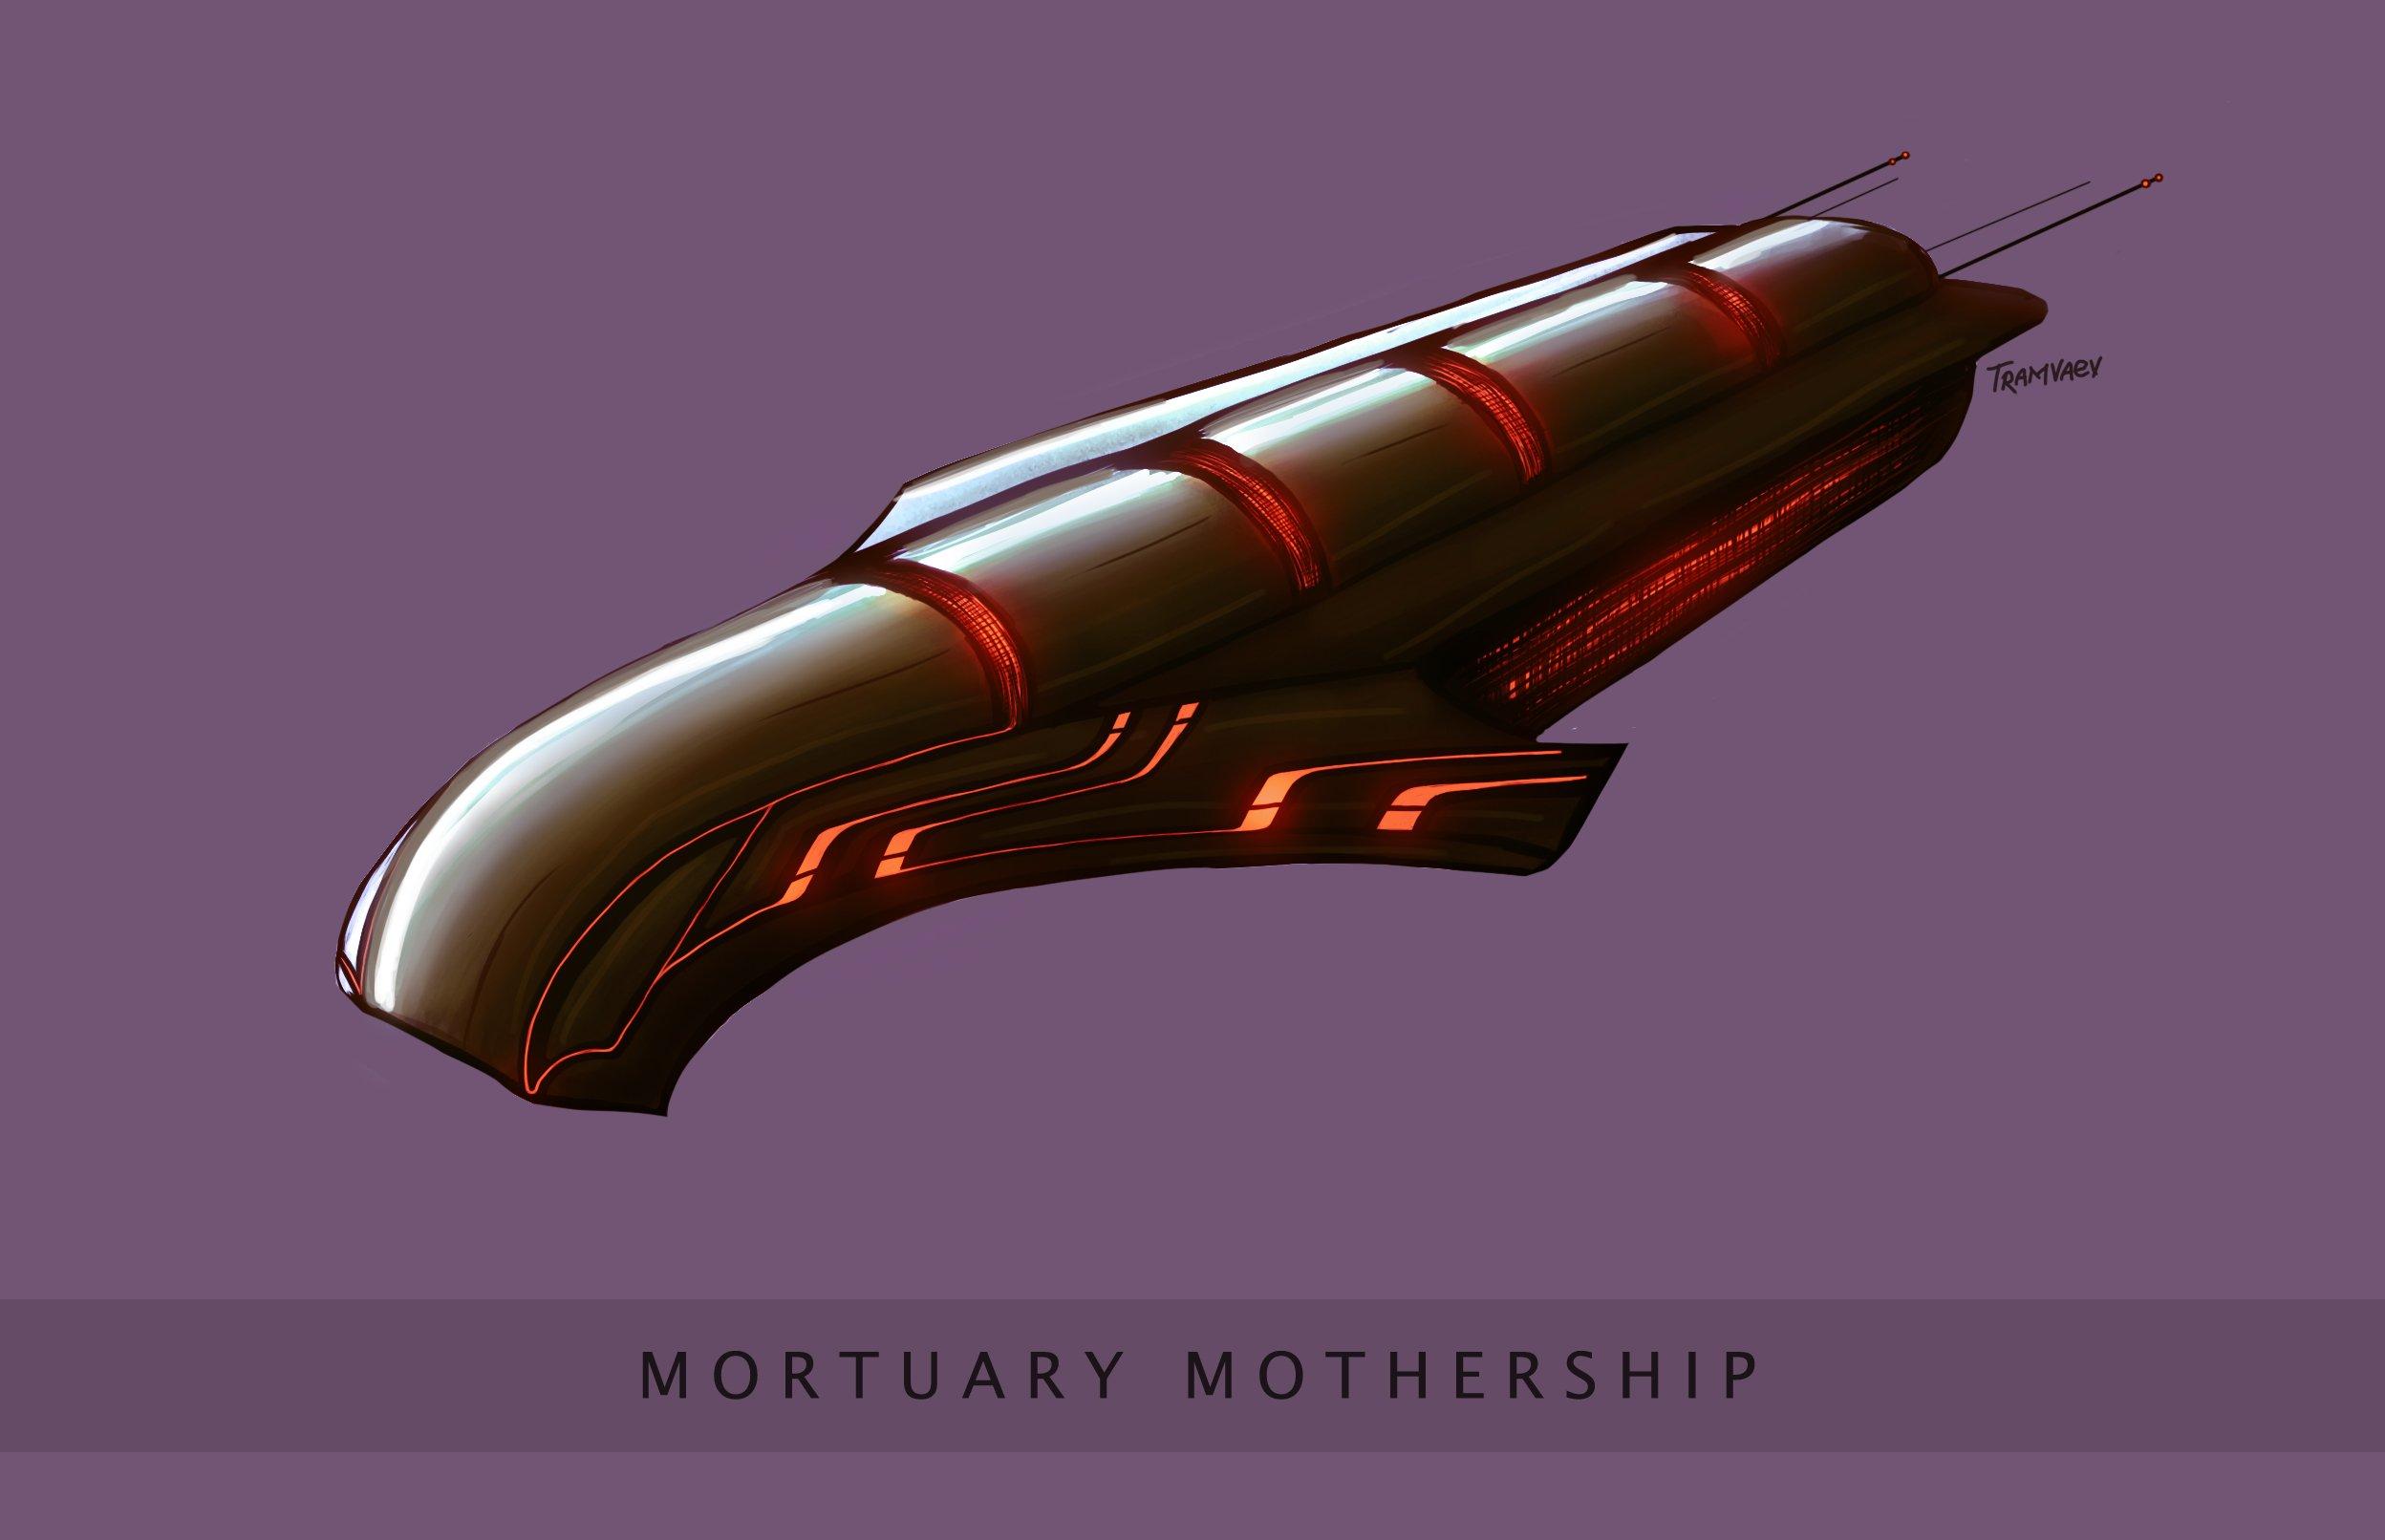 Попрактиковался в рисовании всяких космических кораблей.Конкретно этот - отсылка к одному из рассказов Рэя Брэдбери. ... - Изображение 1